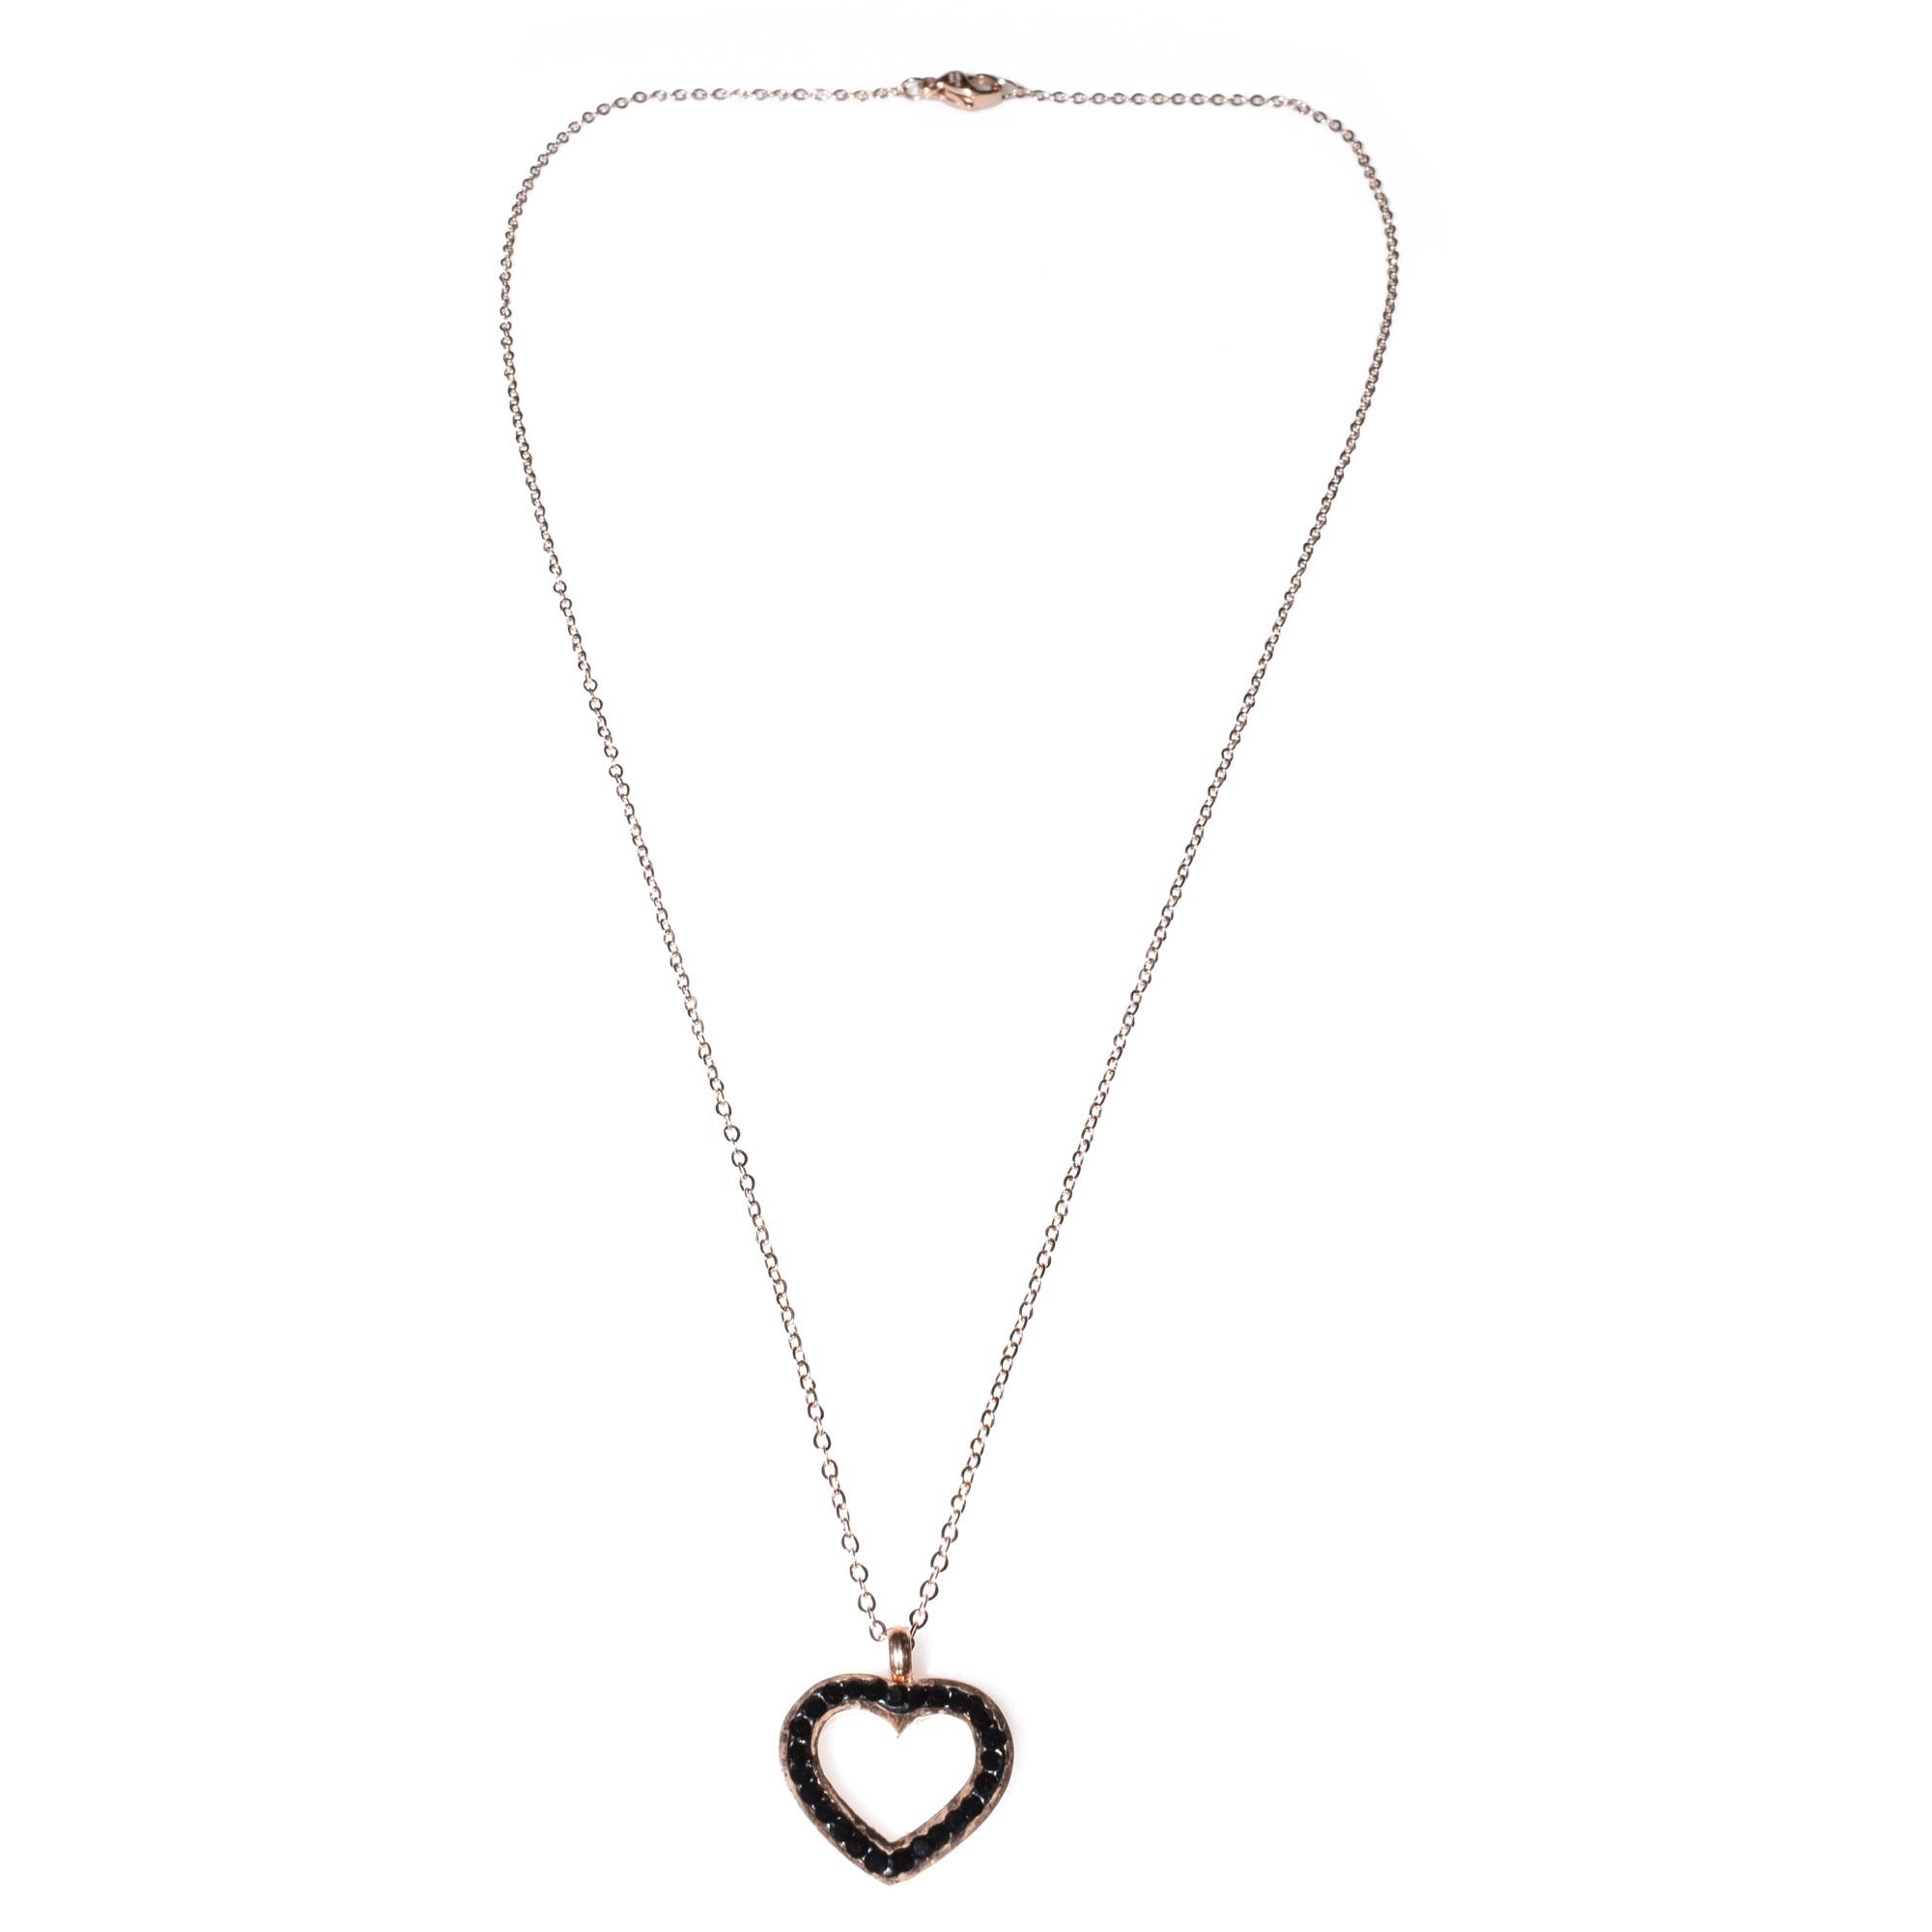 Κολιέ ατσάλινο (stainless steel) ροζ χρυσό (καρδιά) με κρυστάλλους BZ-NK 9afc0764f3d